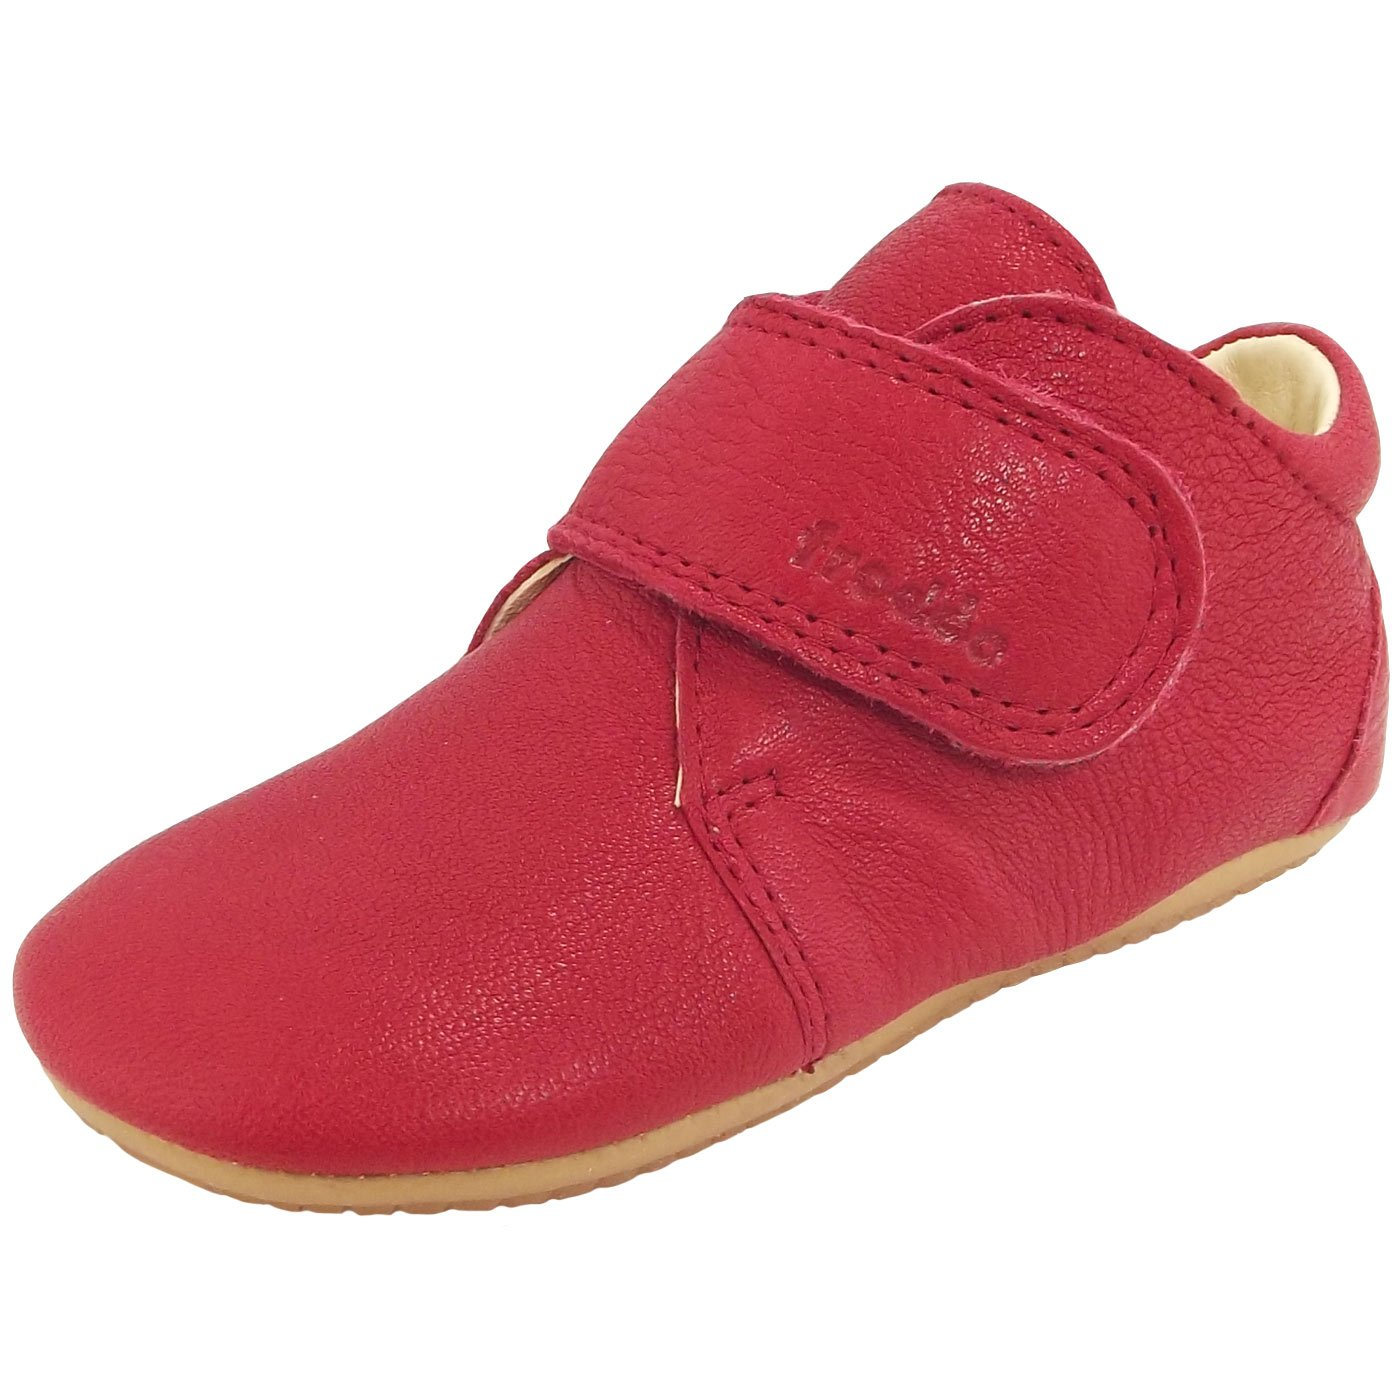 sports shoes c858c fccff ... Chaussures premiers pas bébé. Froddo Prewalkers G1130005, Chaussures  premiers pas bébé · Adidas AltaSport Mid El, Sneakers Basses Mixte bébé  AH2551